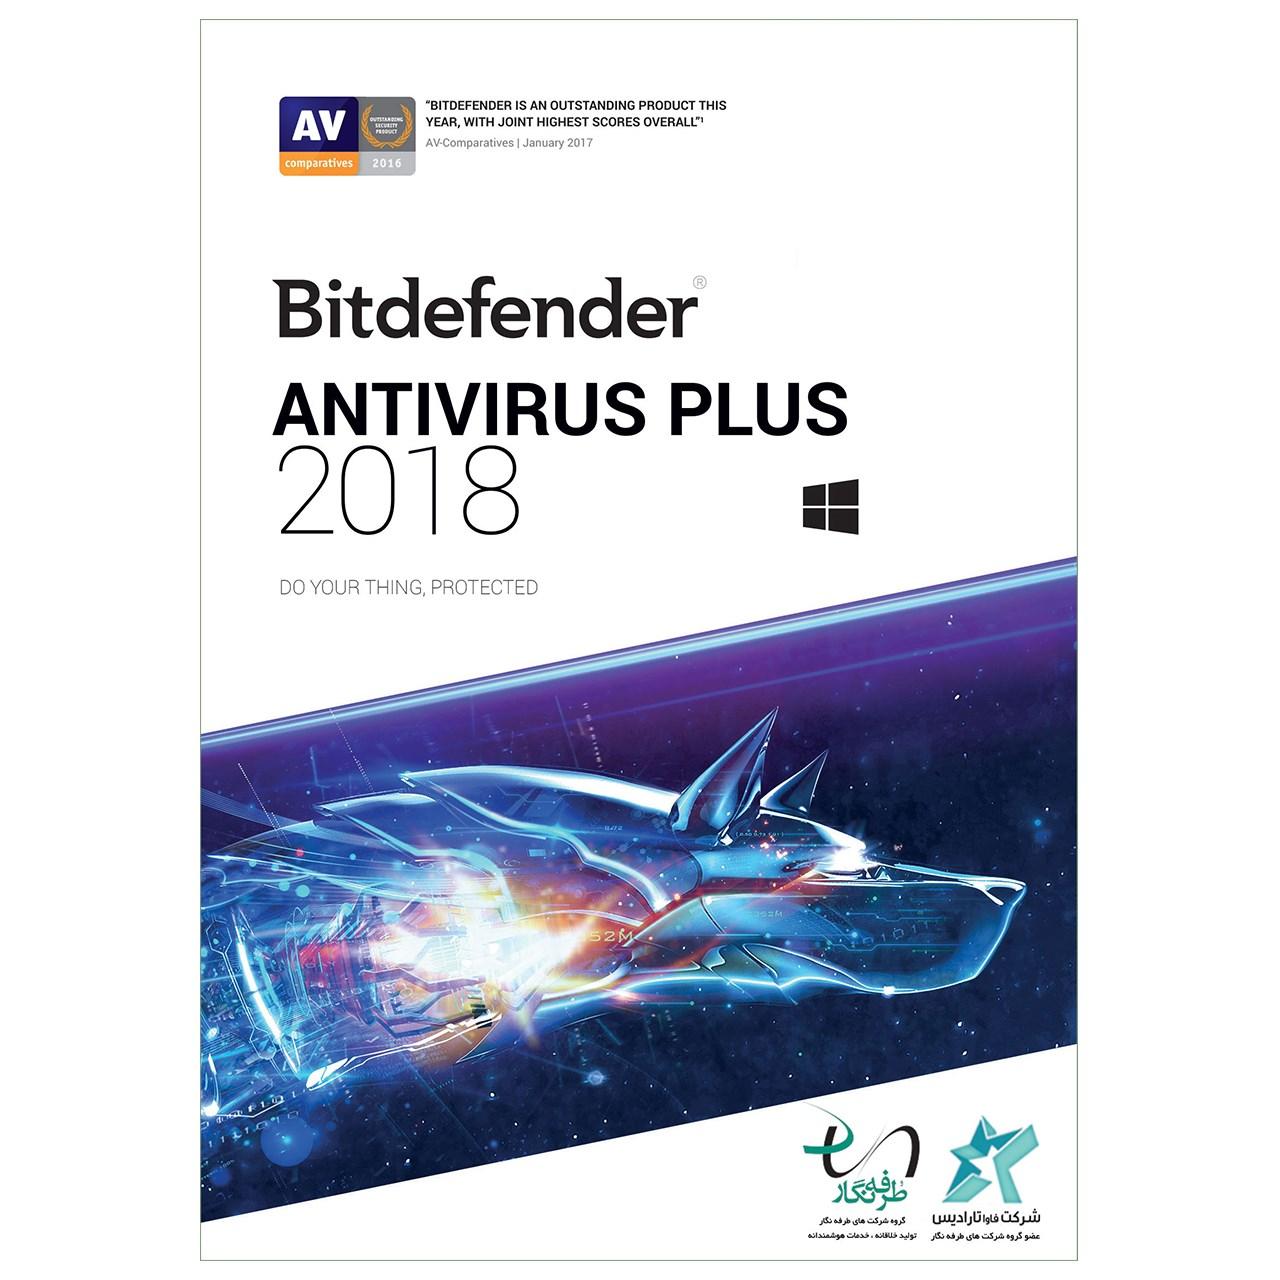 آنتی ویروس بیت دیفندر پلاس 2018 1 کاربر 1 ساله